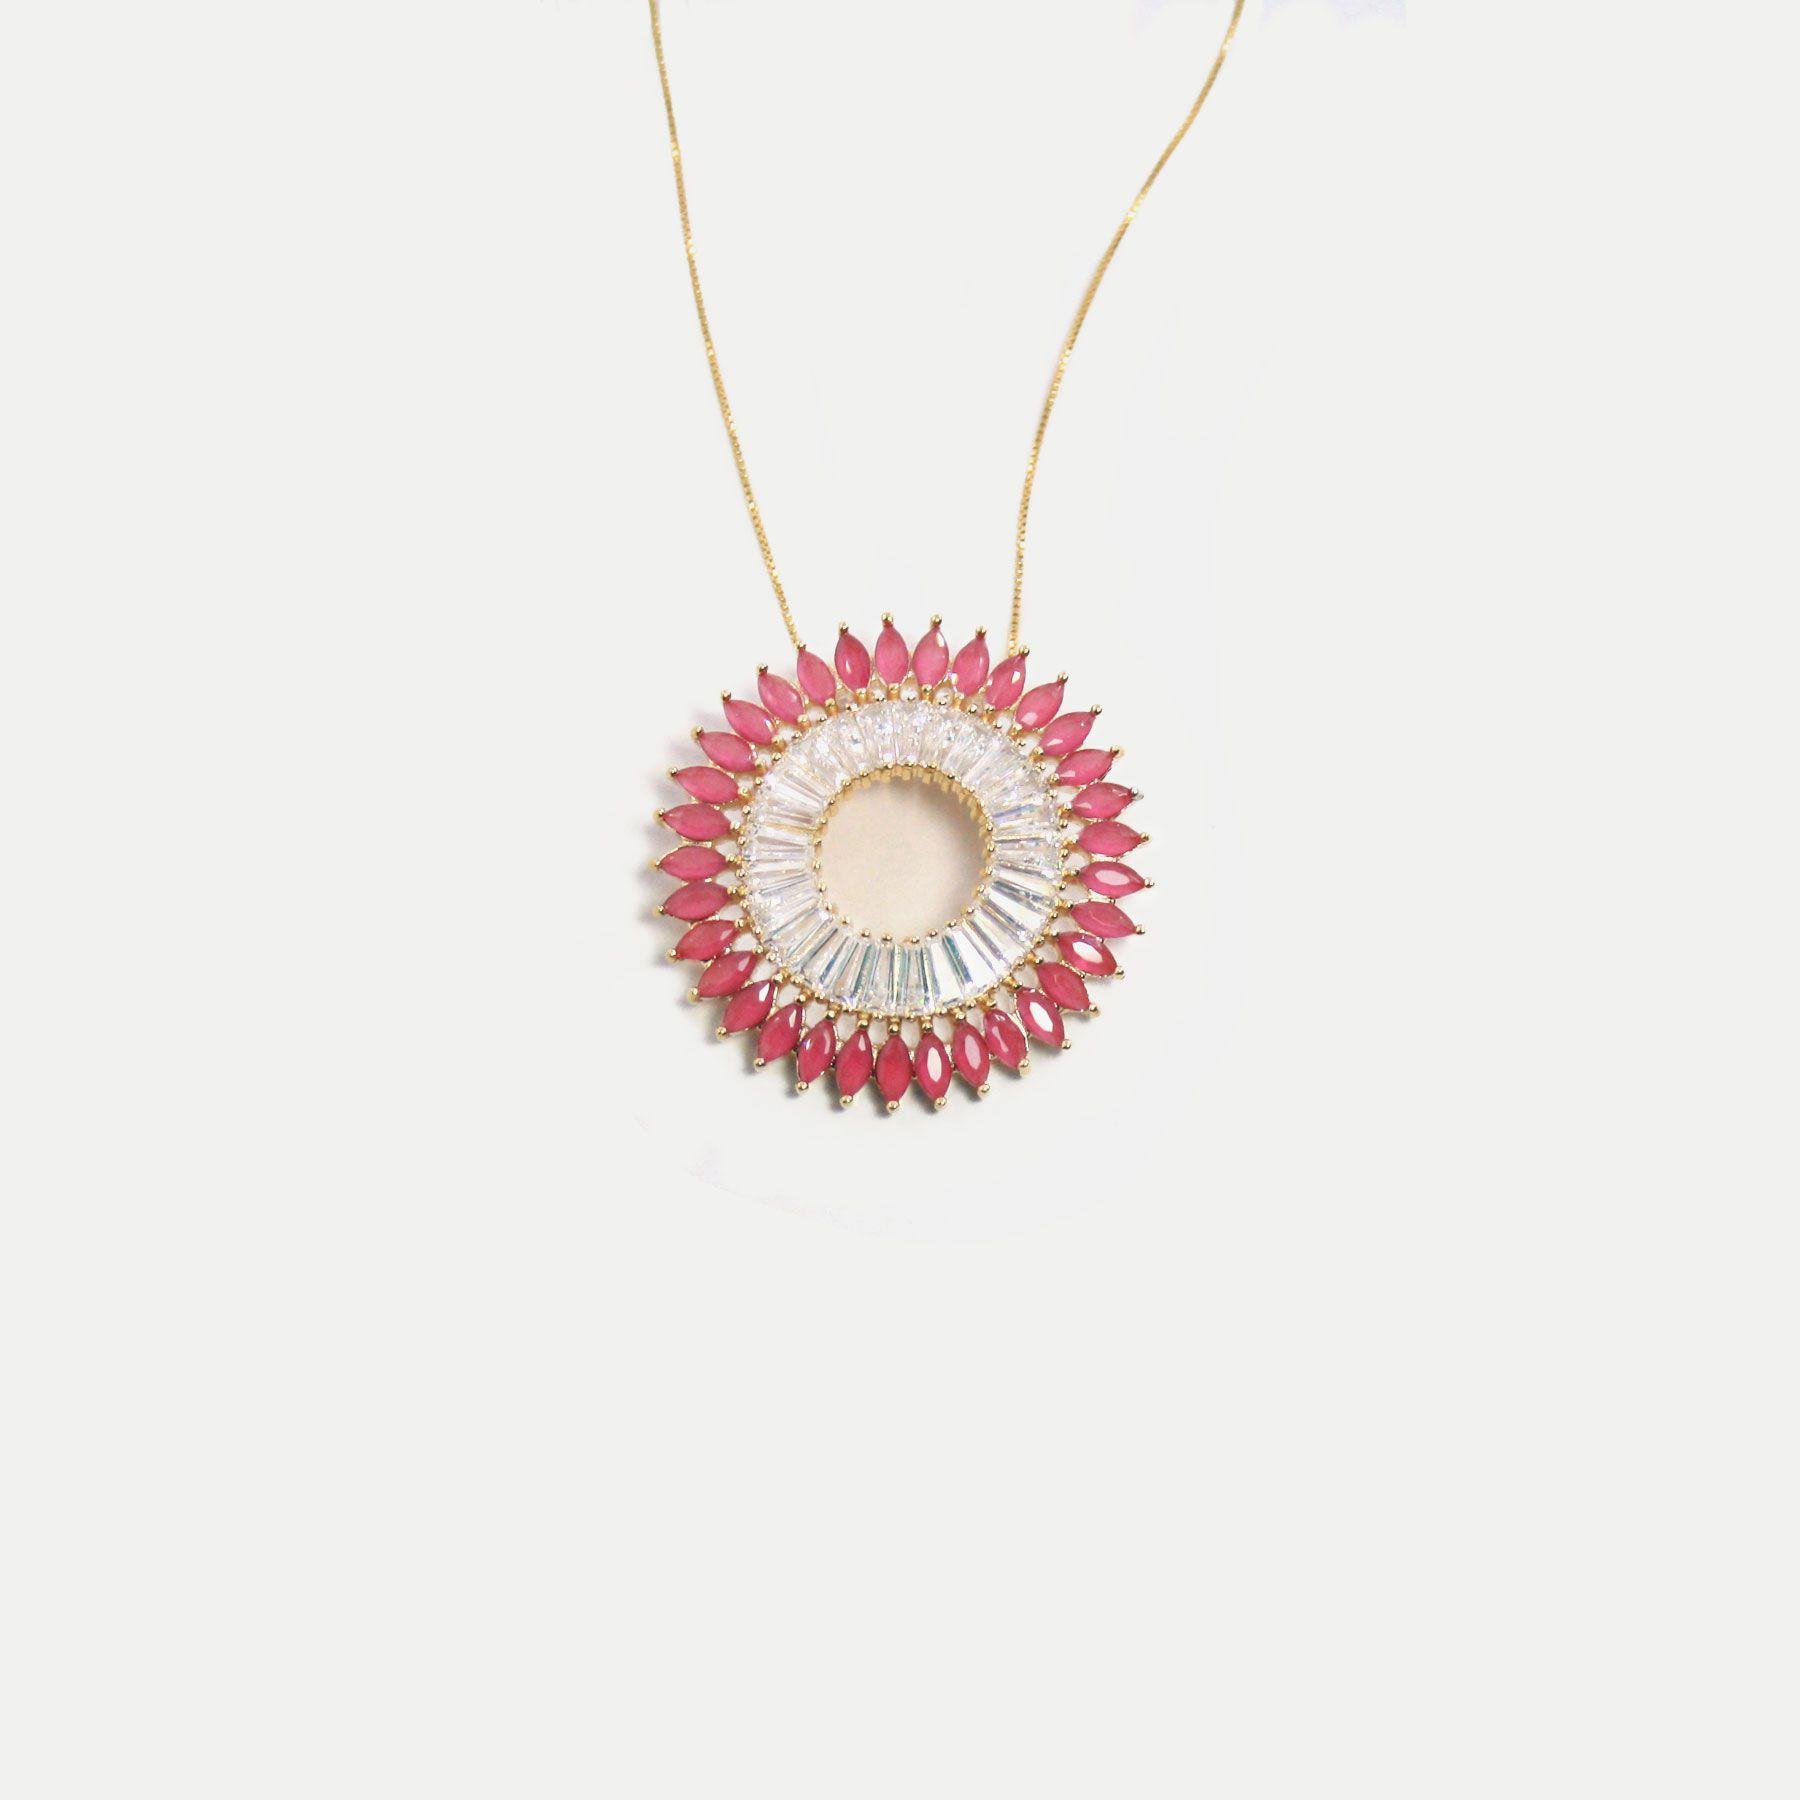 Colar Mandala Cravejada em Zircônias Rubelita e Cristal Banhada em Ouro 18k